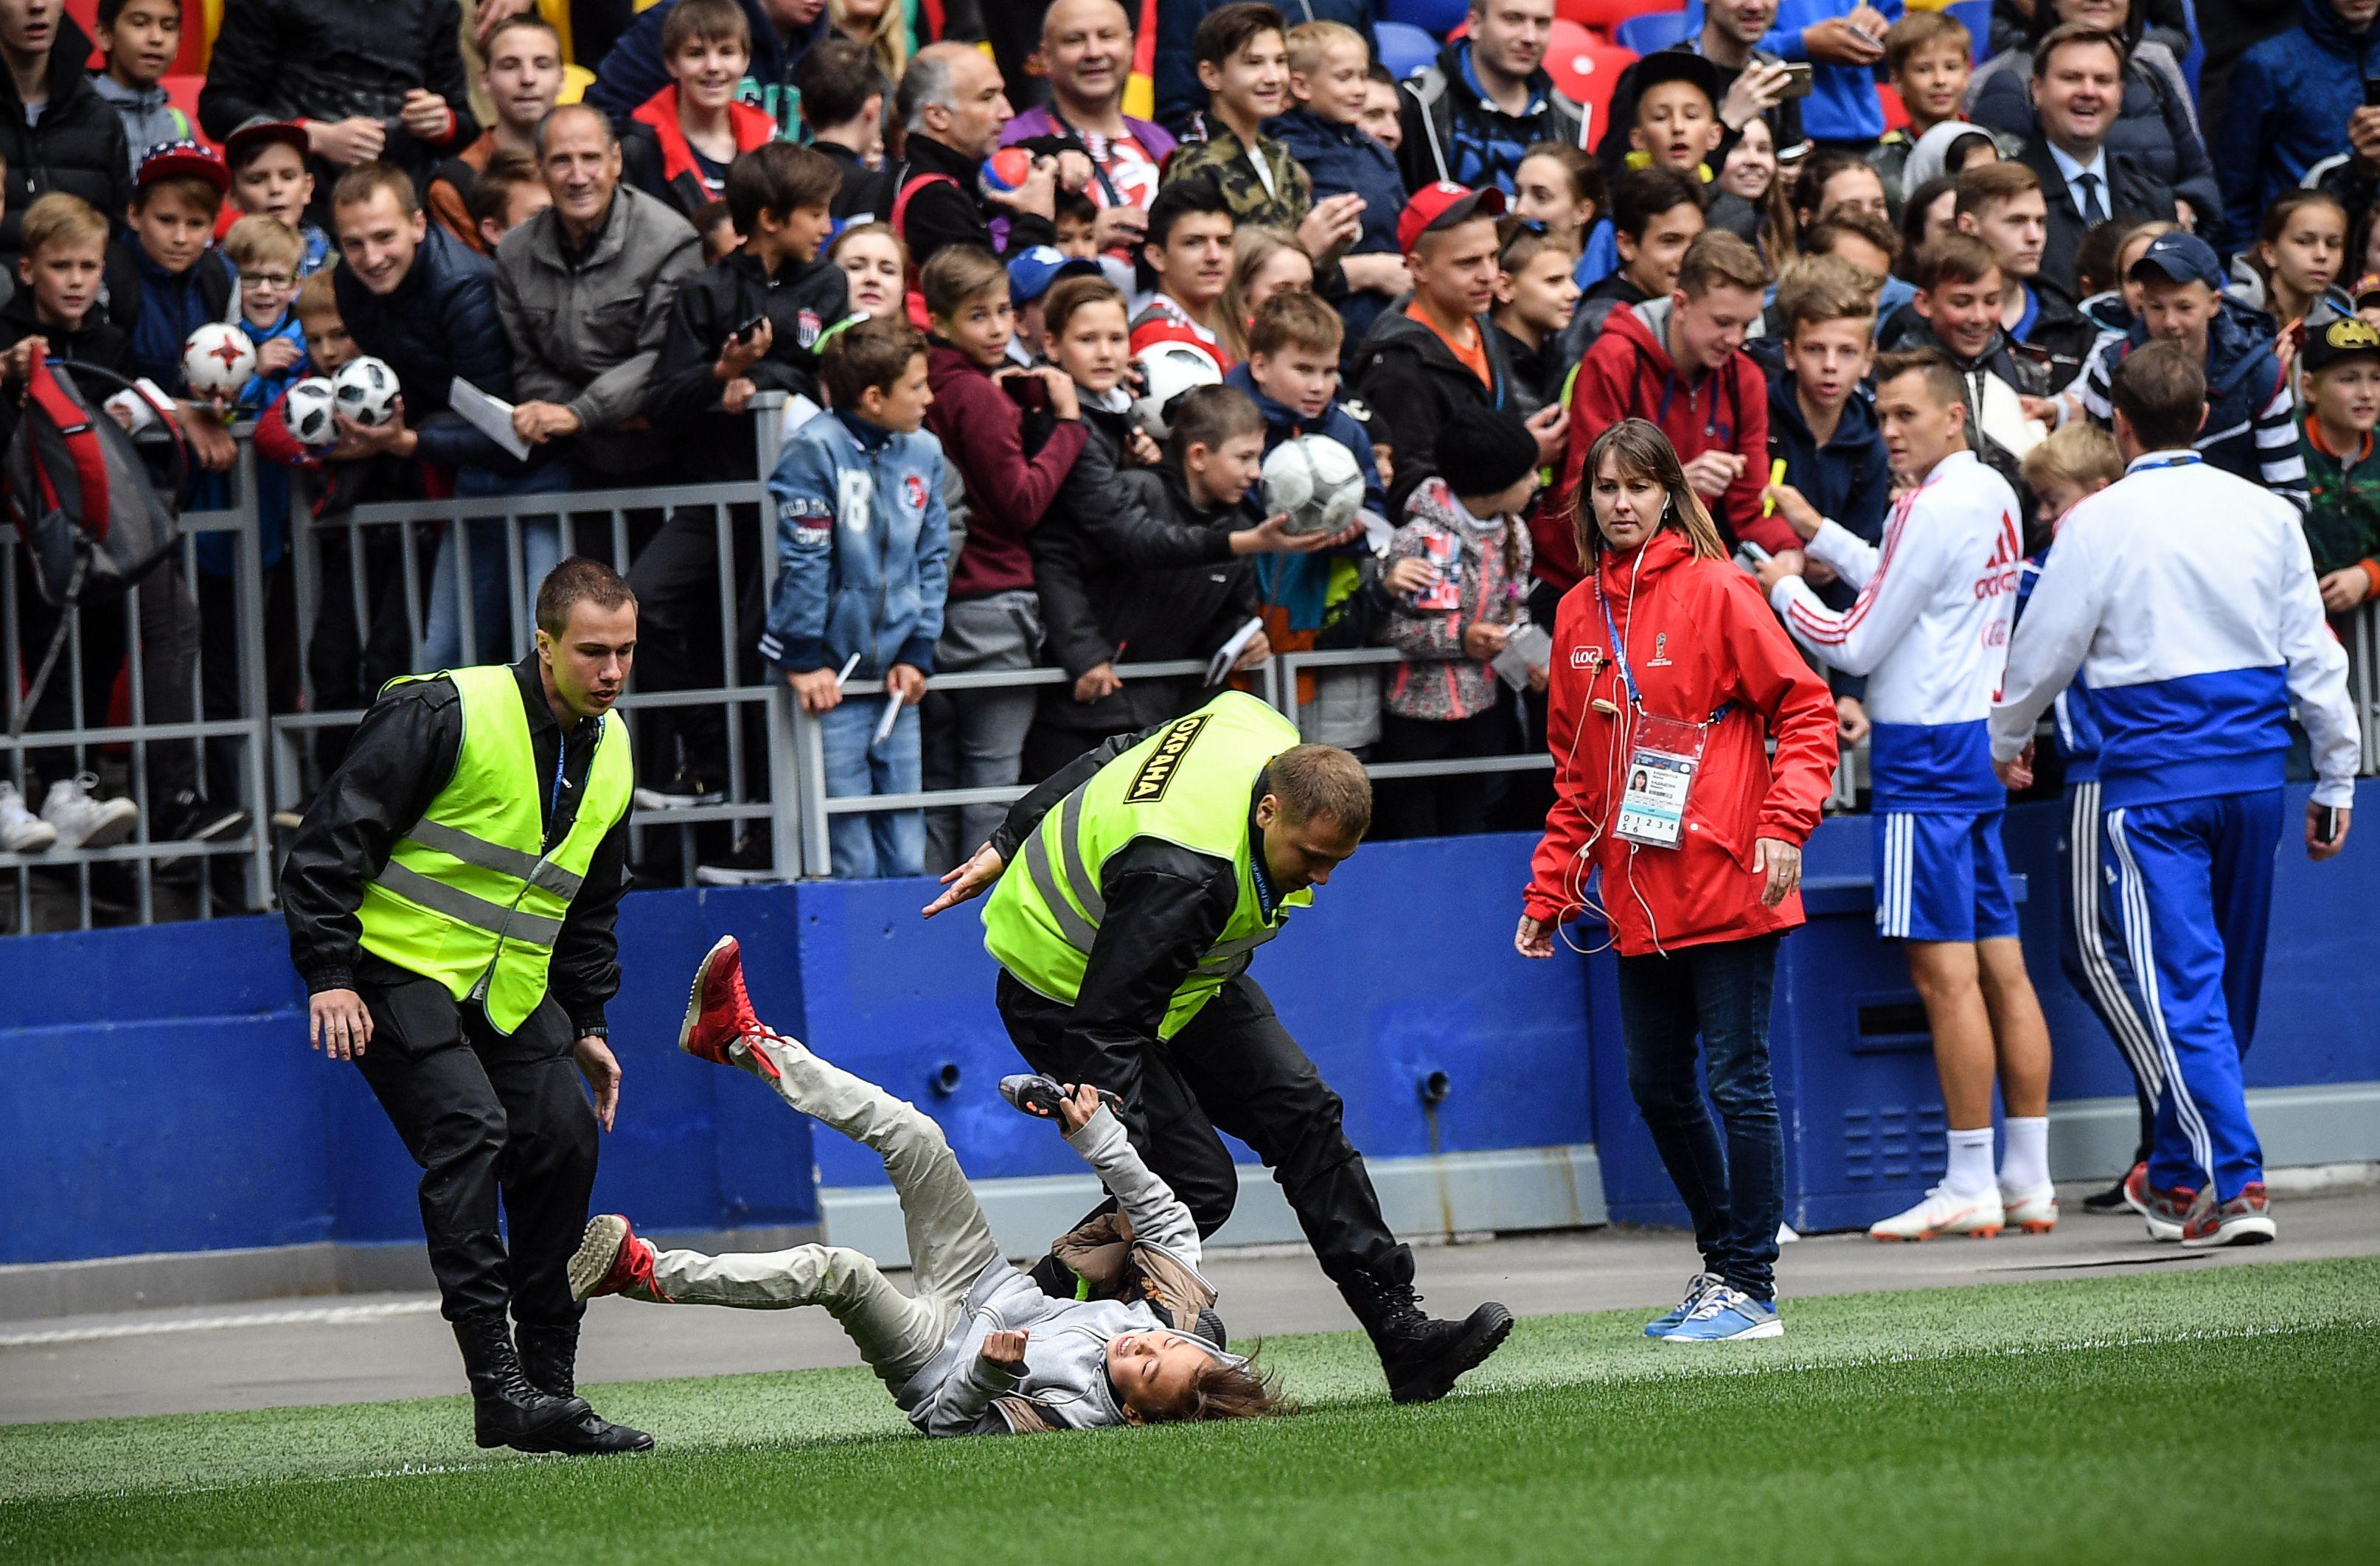 جماهير روسيا تقتحم أرض الملعب